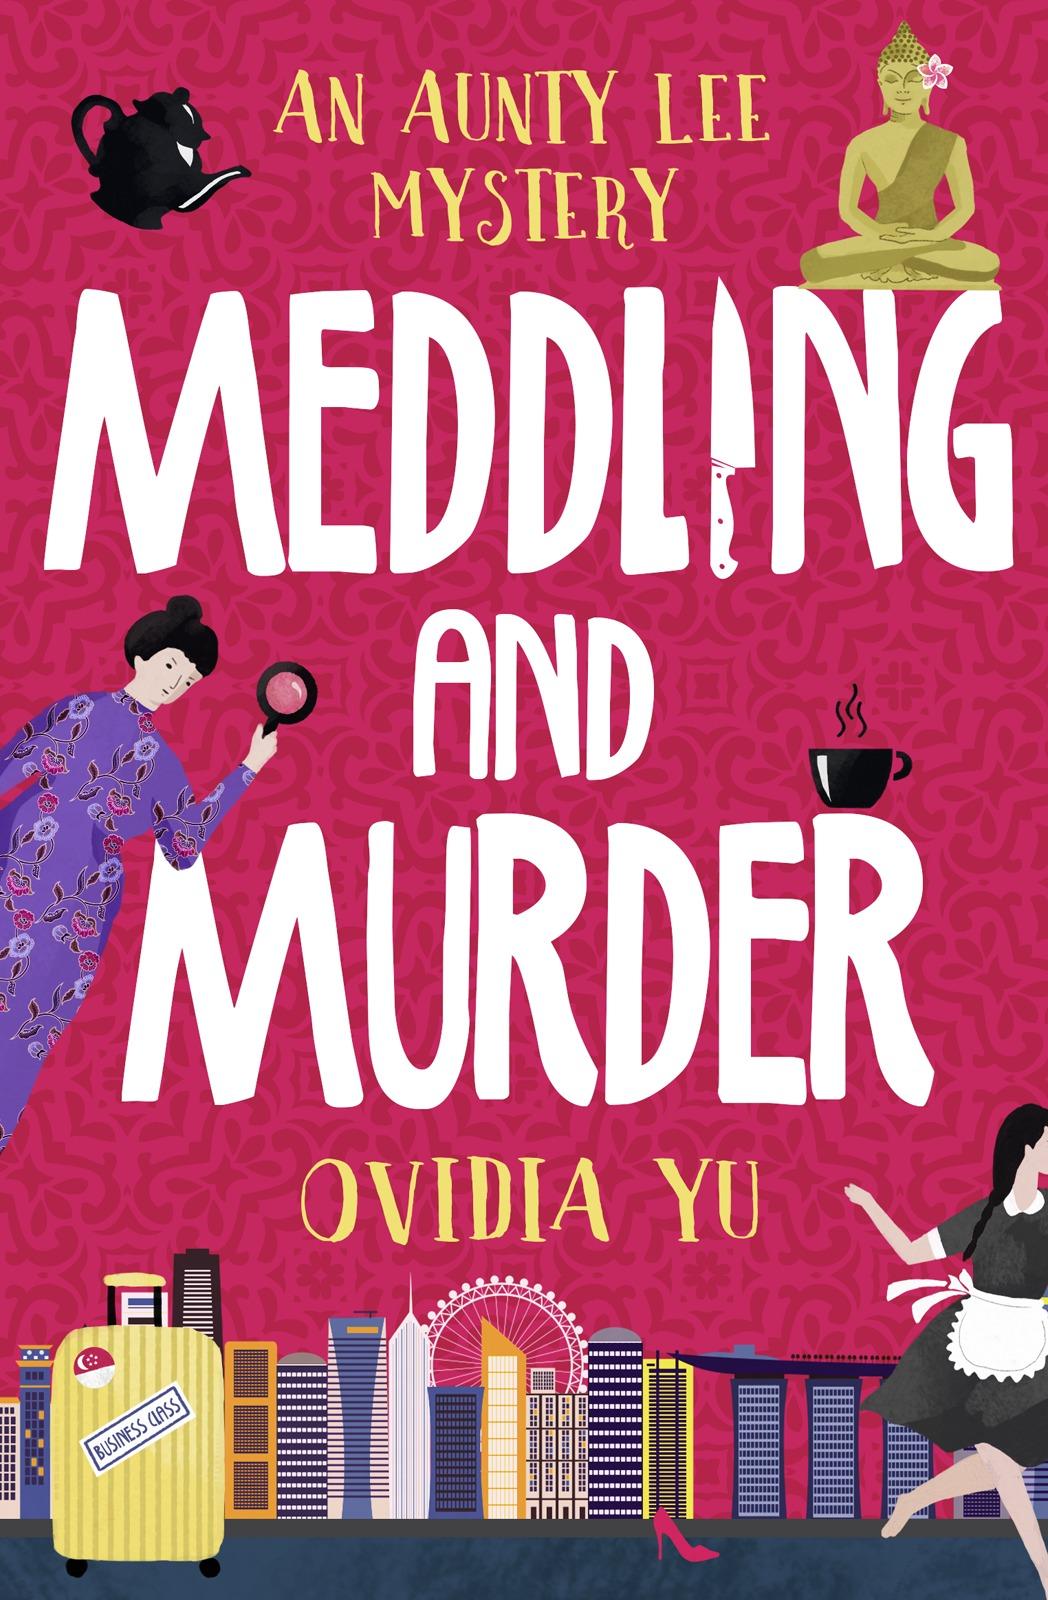 Ovidia Yu Meddling and Murder: An Aunty Lee Mystery awful aunty